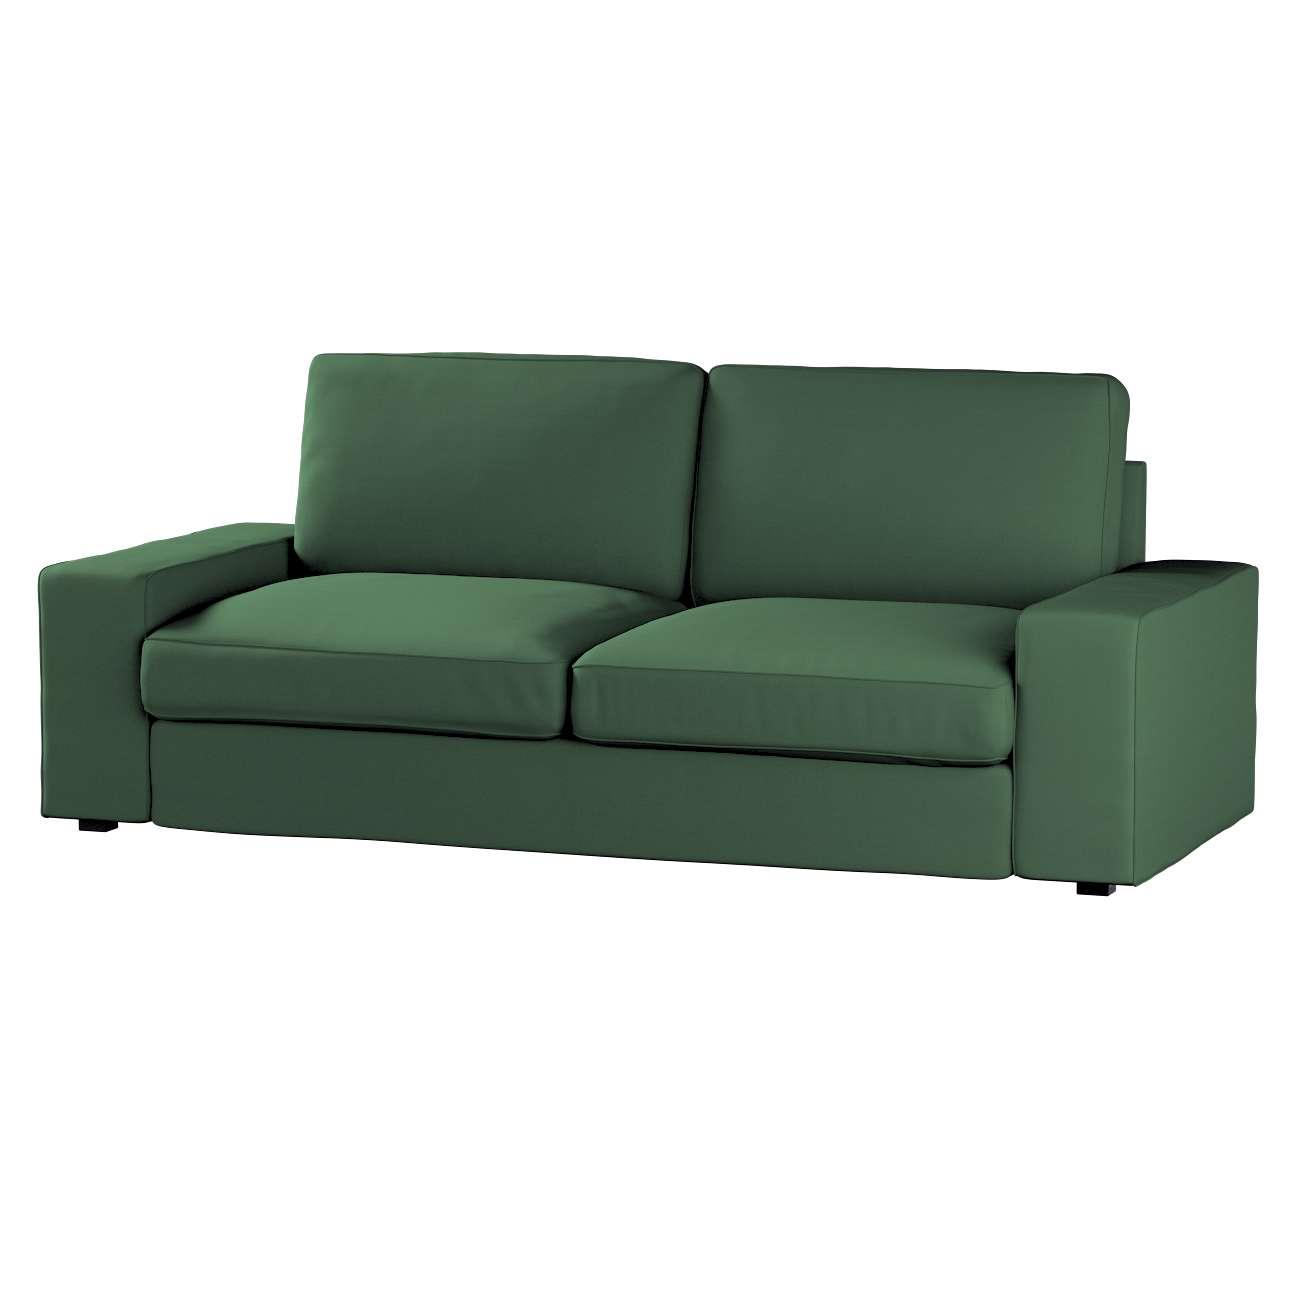 KIVIK trivietės sofos užvalkalas Kivik 3-seat sofa kolekcijoje Cotton Panama, audinys: 702-06